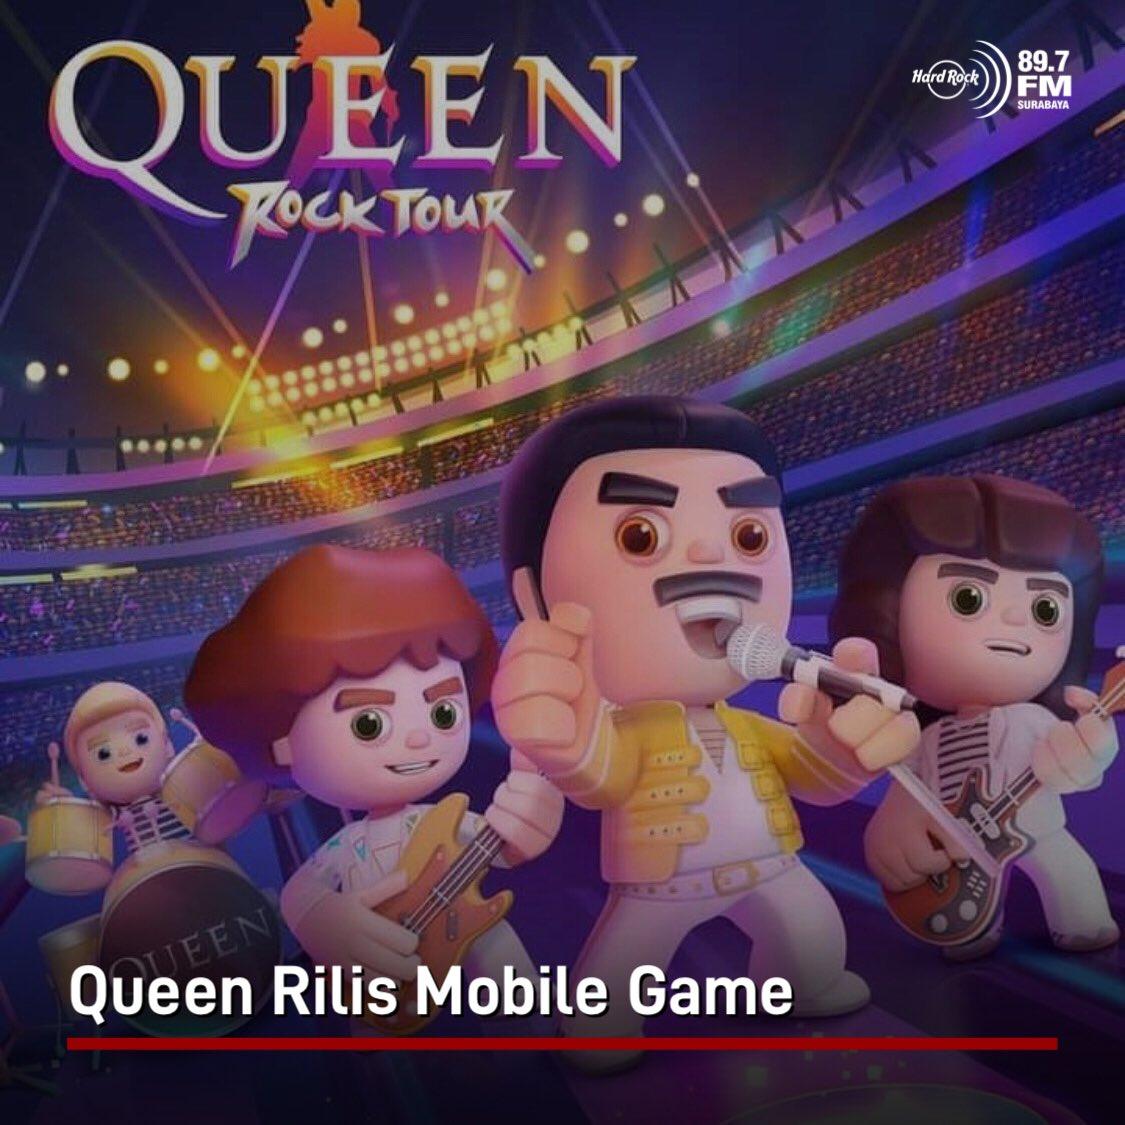 #HRFMNews Queen merilis game pertamanya yang berjudul Queen: Rock Tour untuk platform Android dan iOS.  Game ini bakal ngajak pemain buat nostalgia sama tur dan momen ikonik Queen, sambil menyelesaikan 20 lagu-lagu hits & bisa milih venue yang pernah menjadi lokasi konsernya.